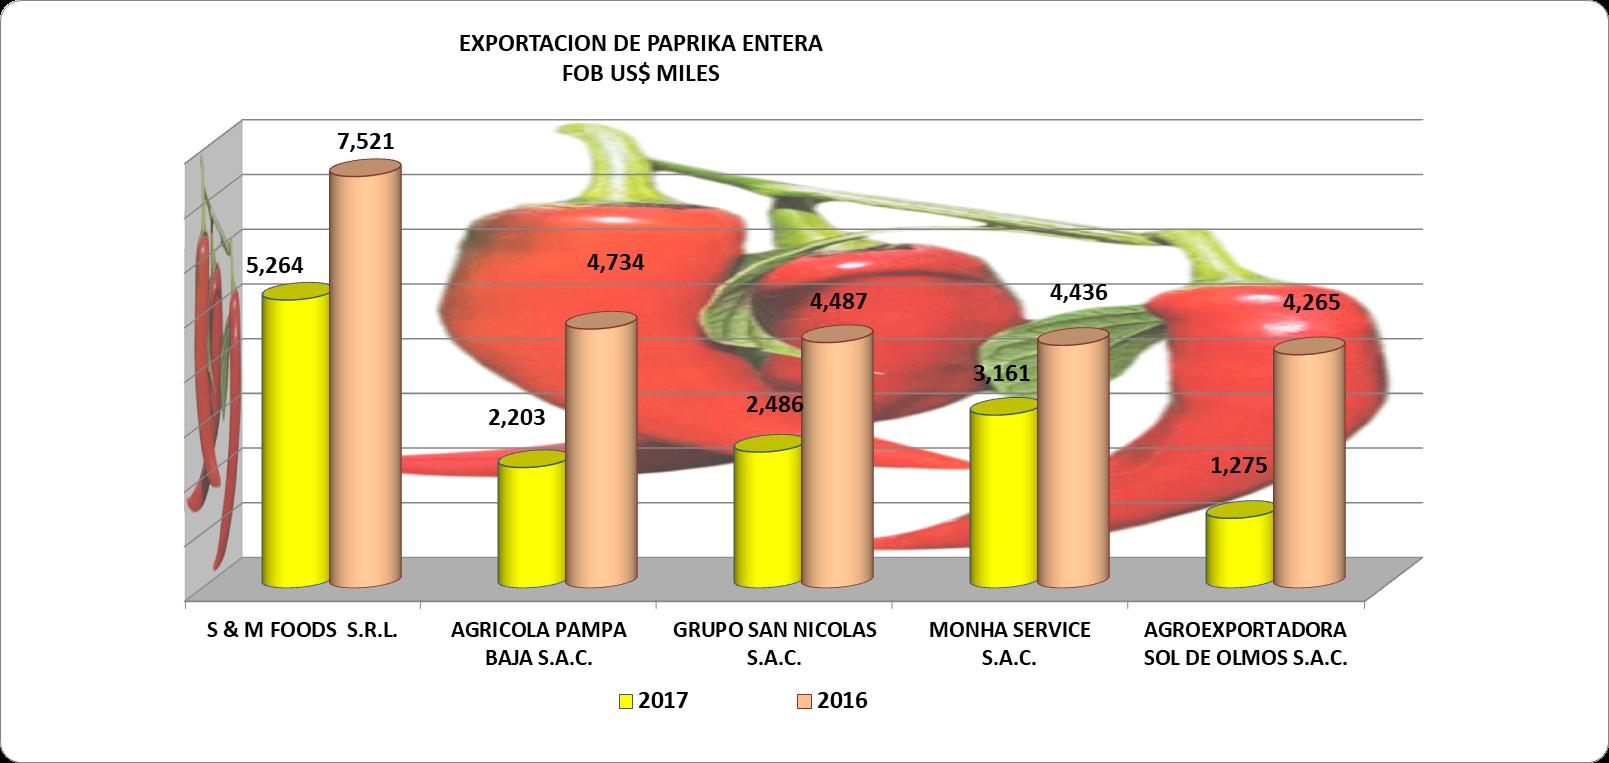 Paprika Entera Perú Exportación 2017 Septiembre